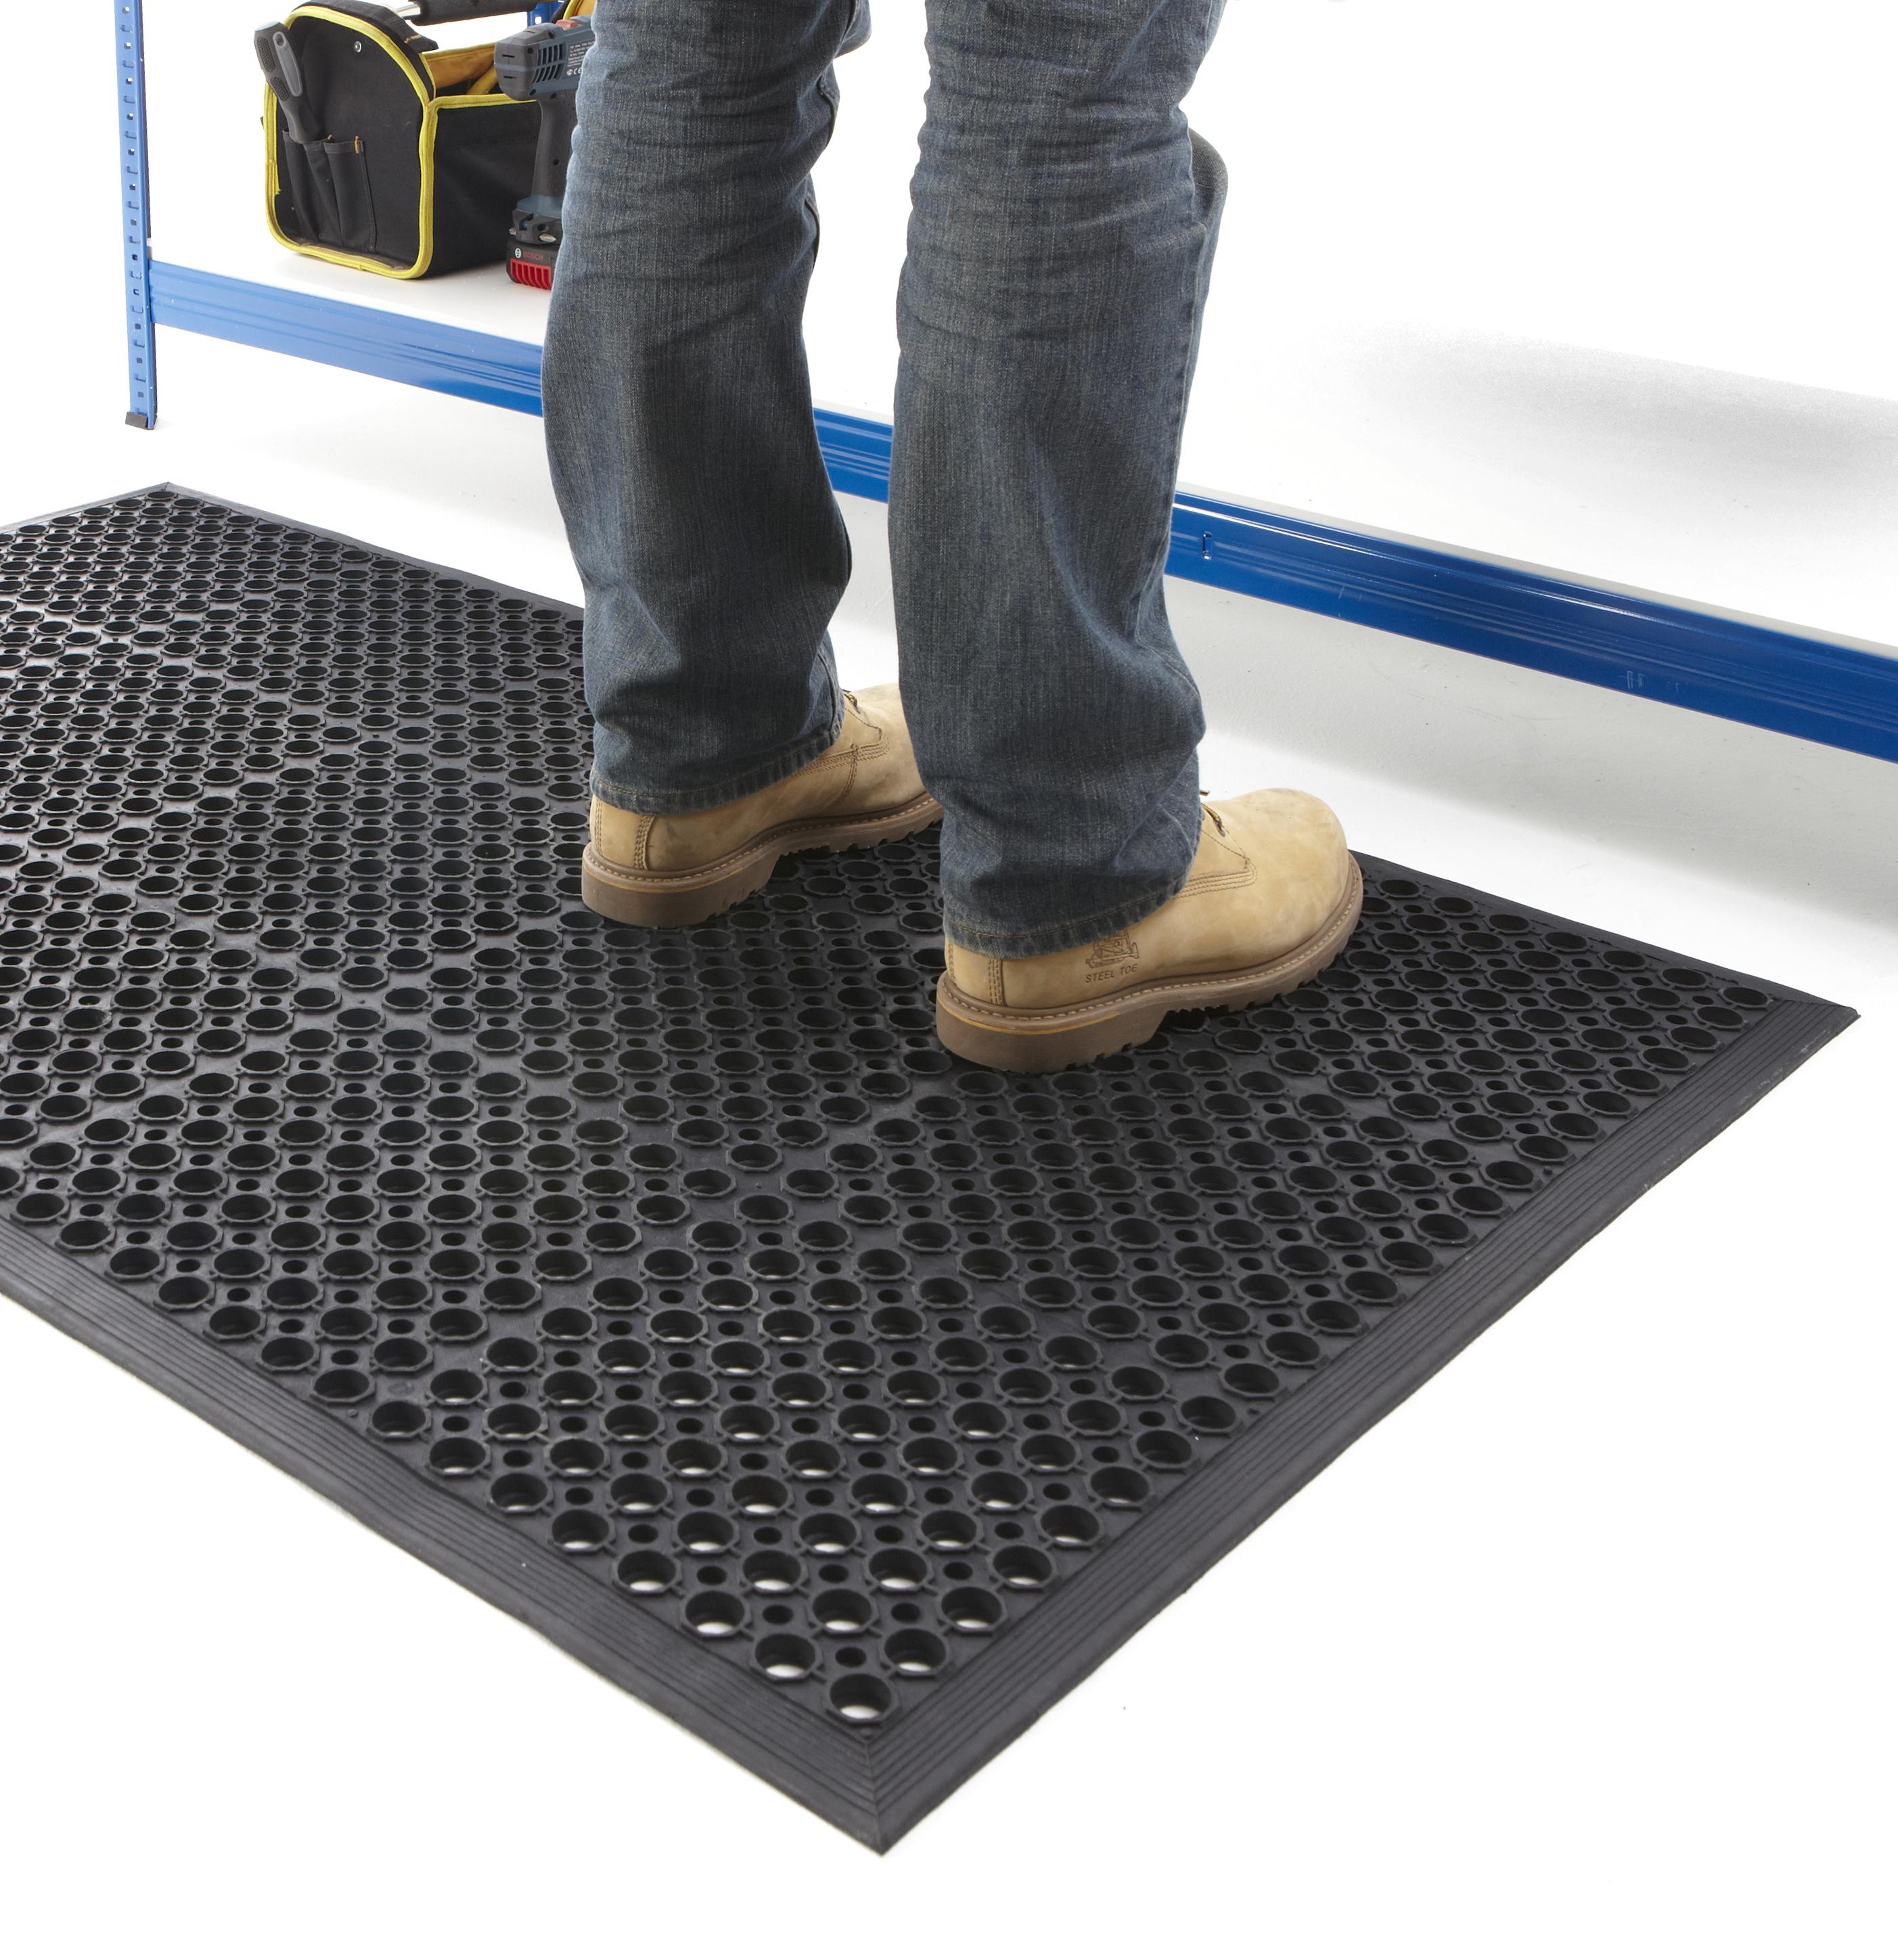 Comanti Fatigue Floor : Non Slip Anti Fatigue Floor Mats Mat Flooring Garage Workshop 800 x ...